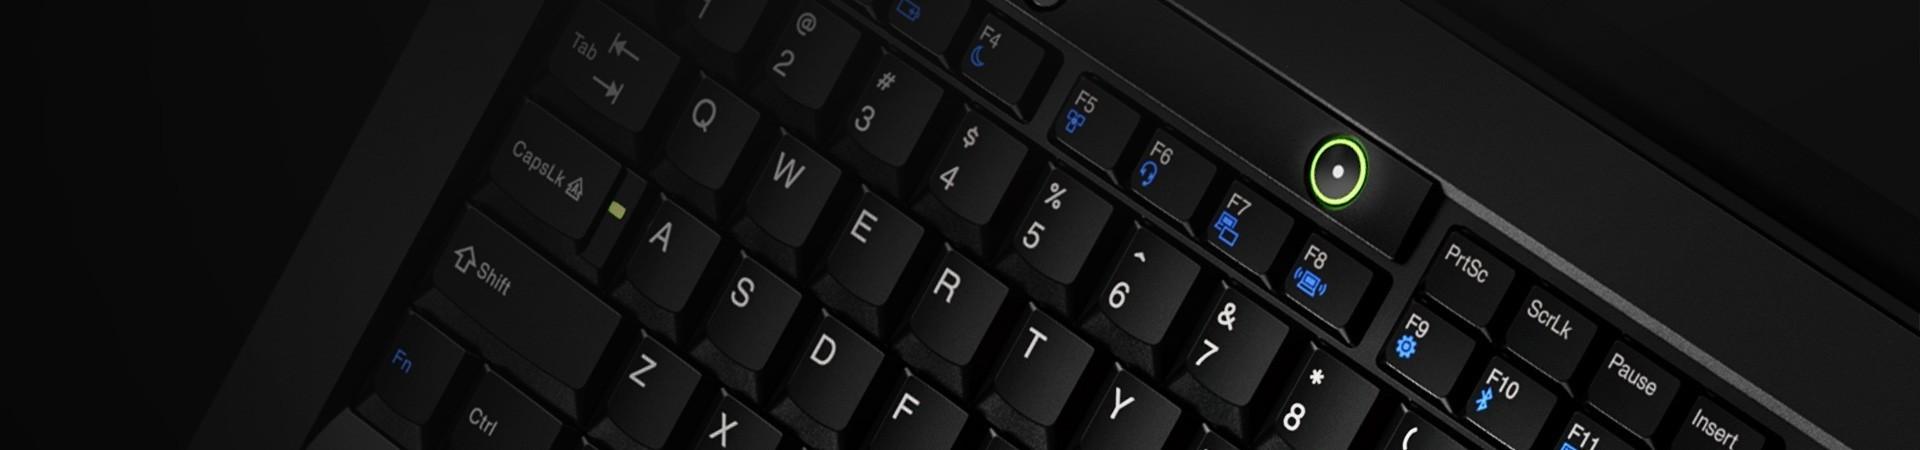 绝版在即 ThinkPad复刻机详细信息都在这